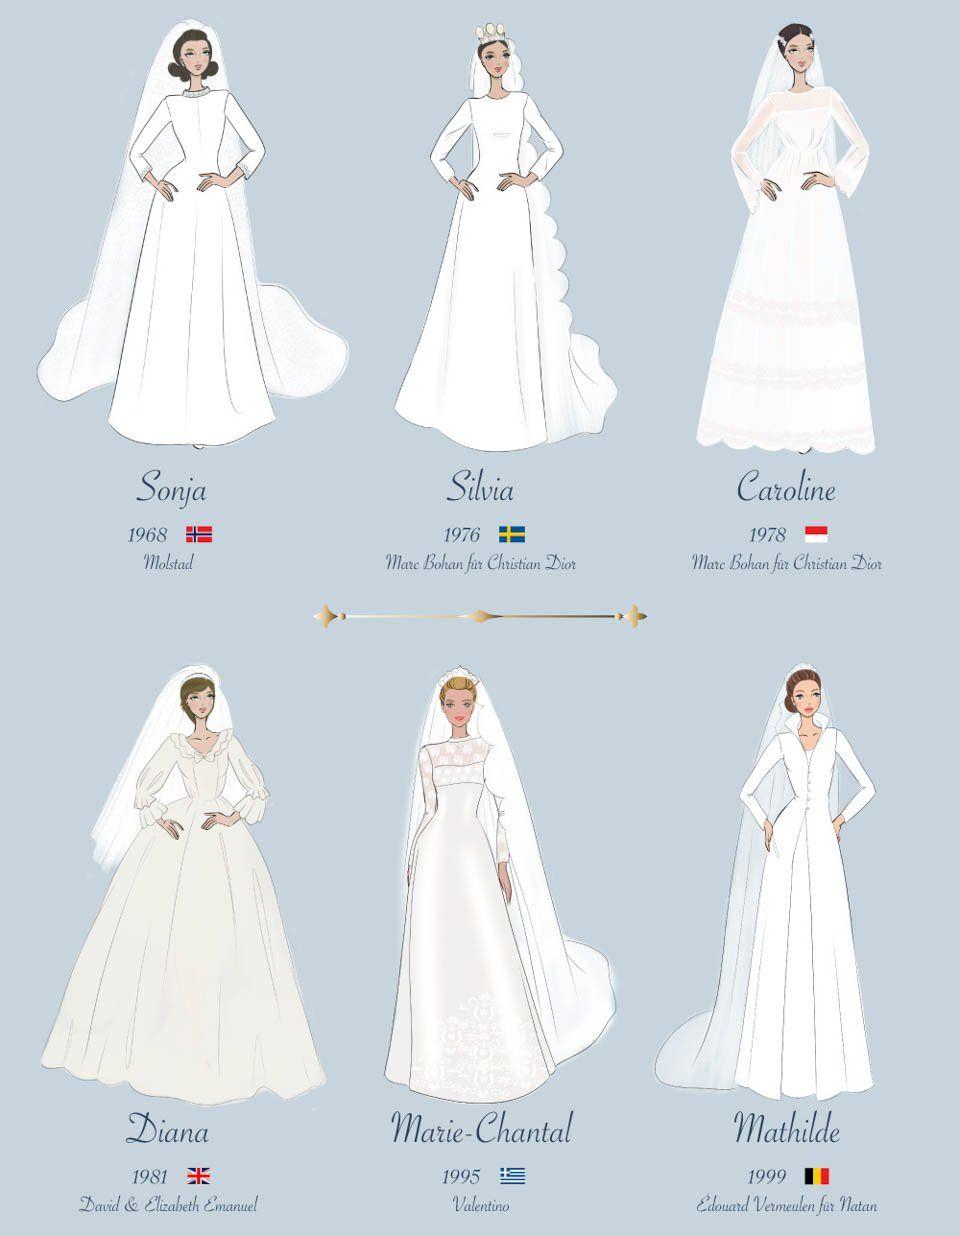 Alle Welt Ist Gespannt Wie Das Brautkleid Von Meghan Markle Bei Der Hochzeit Mit Prinz Harry Am 19 Mai Wohl A Hochzeitskleidarten Brautkleid Royale Hochzeiten